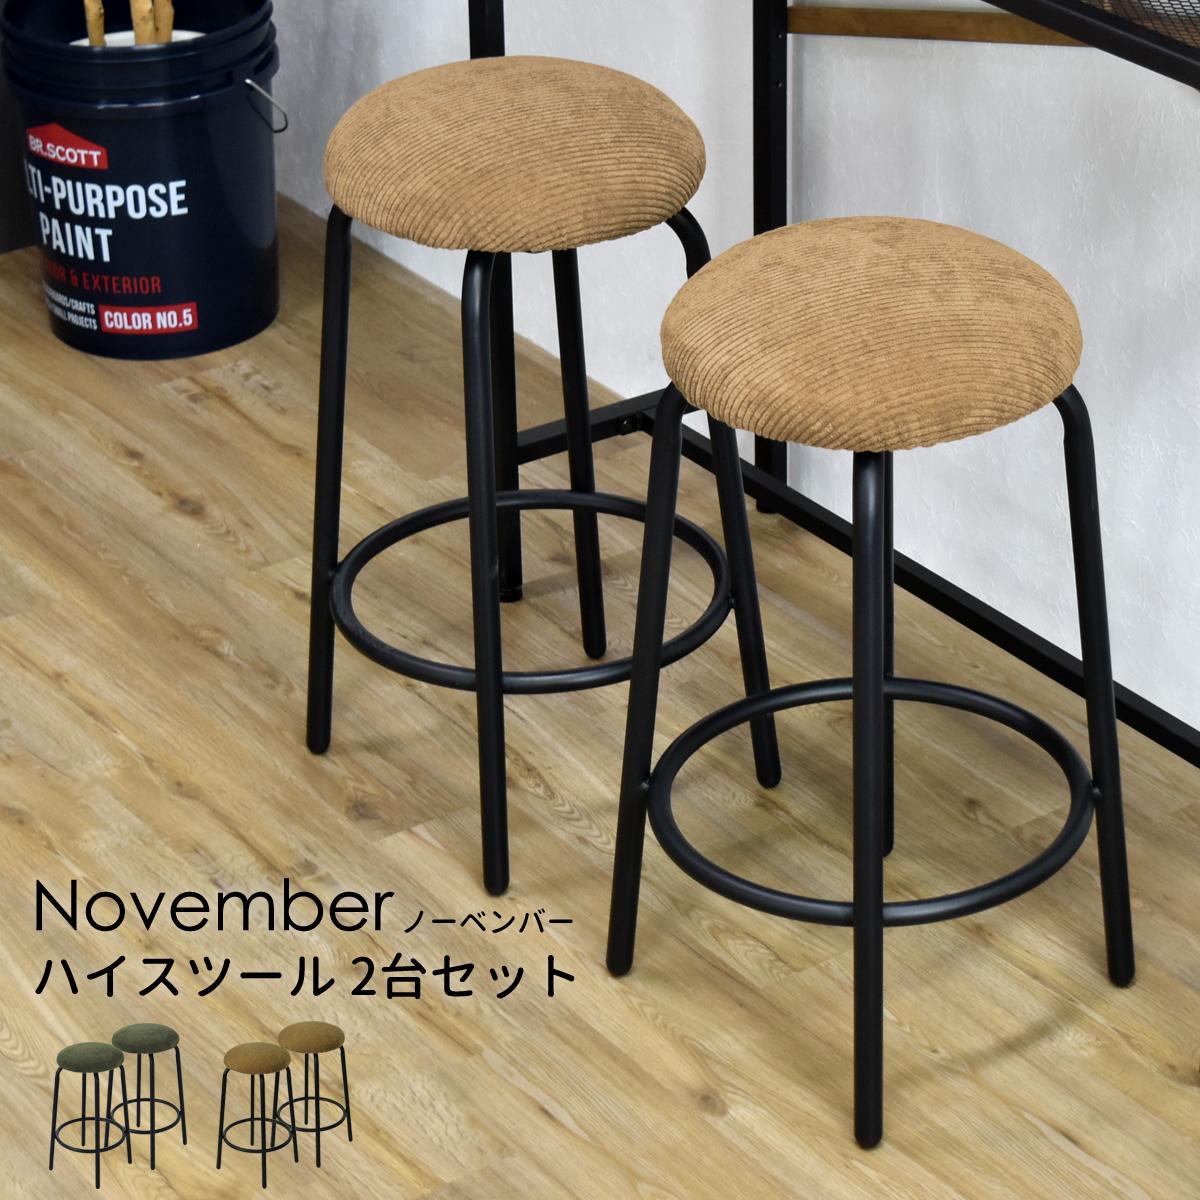 送料無料 ハイスツール 2脚セット カウンターチェアー バーチェアー スツール 椅子 いす おしゃれ カフェ風 カウンター キッチン リビング モード インテリア 北欧 スタイリッシュ モダン